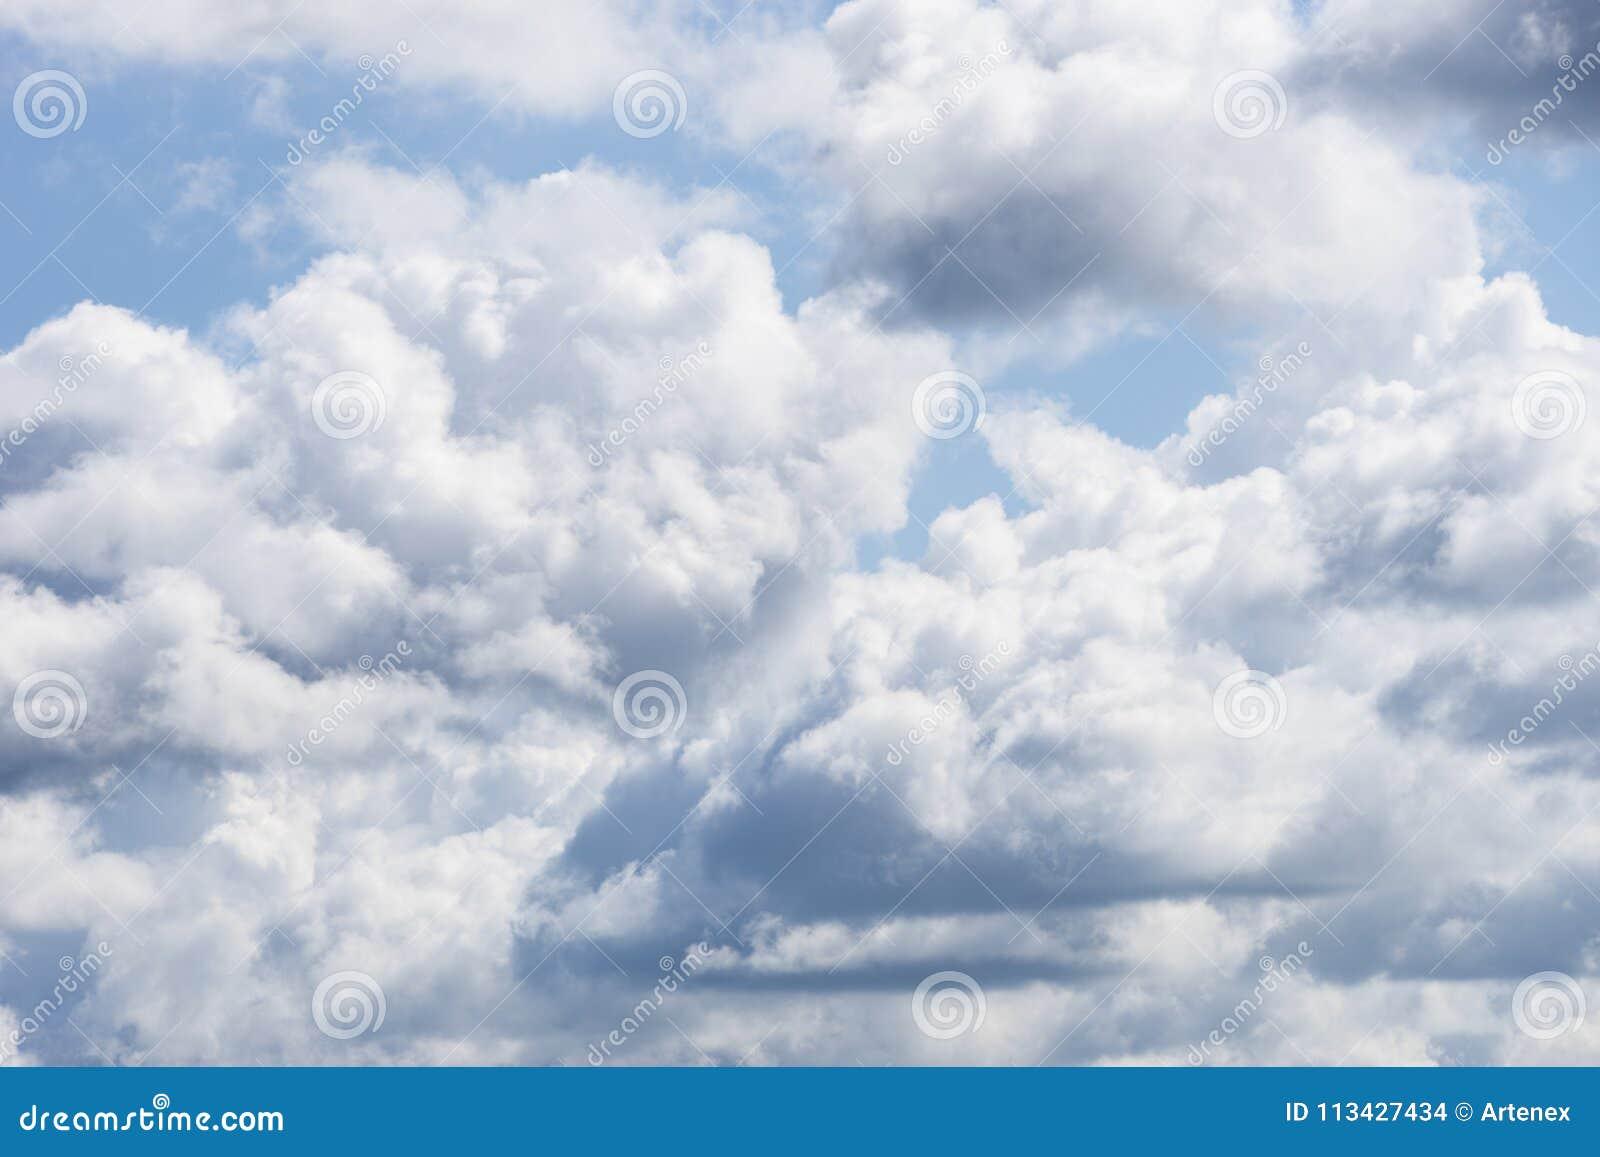 Groß Blauer Himmel Lebenslauf Bilder - Entry Level Resume Vorlagen ...